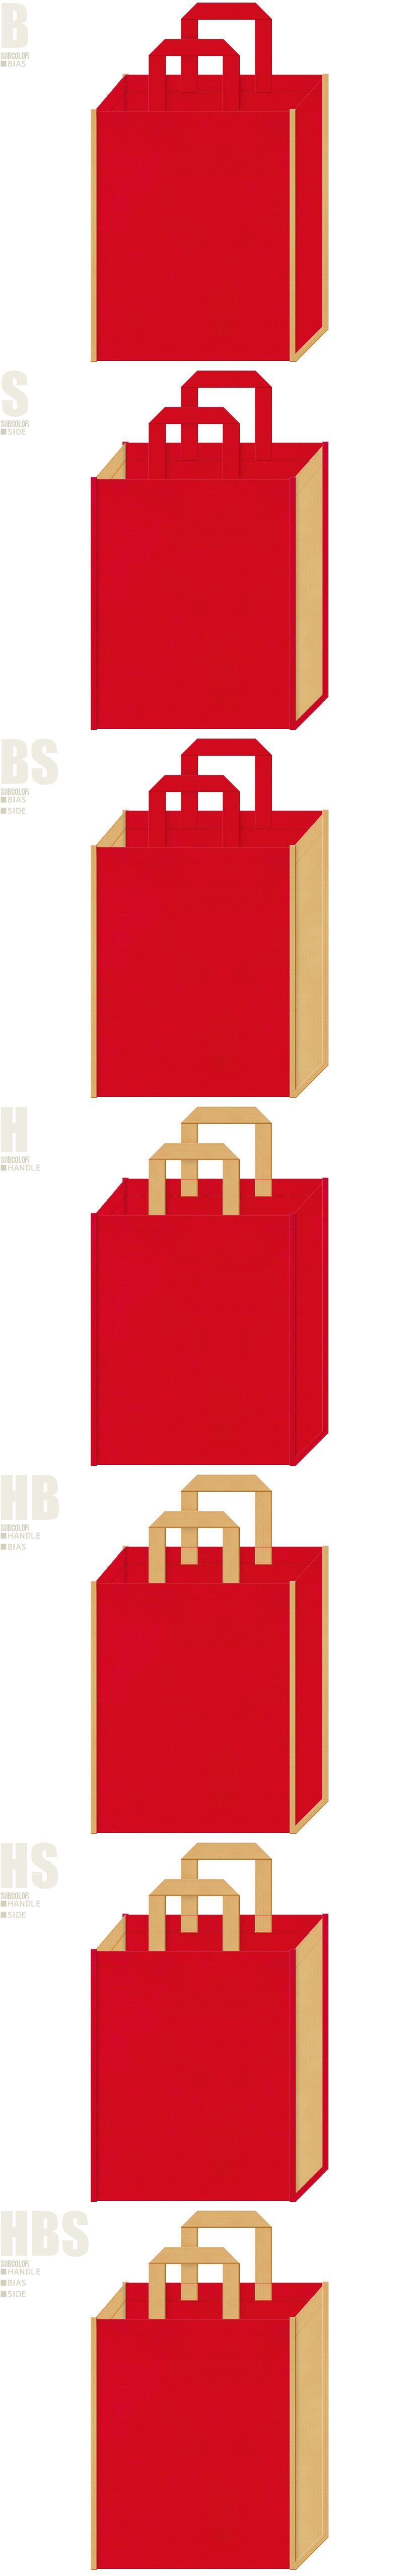 福袋・赤鬼・節分・一合枡・むかし話・慶事・和風催事にお奨めの不織布バッグデザイン:紅色と薄黄土色の配色7パターン